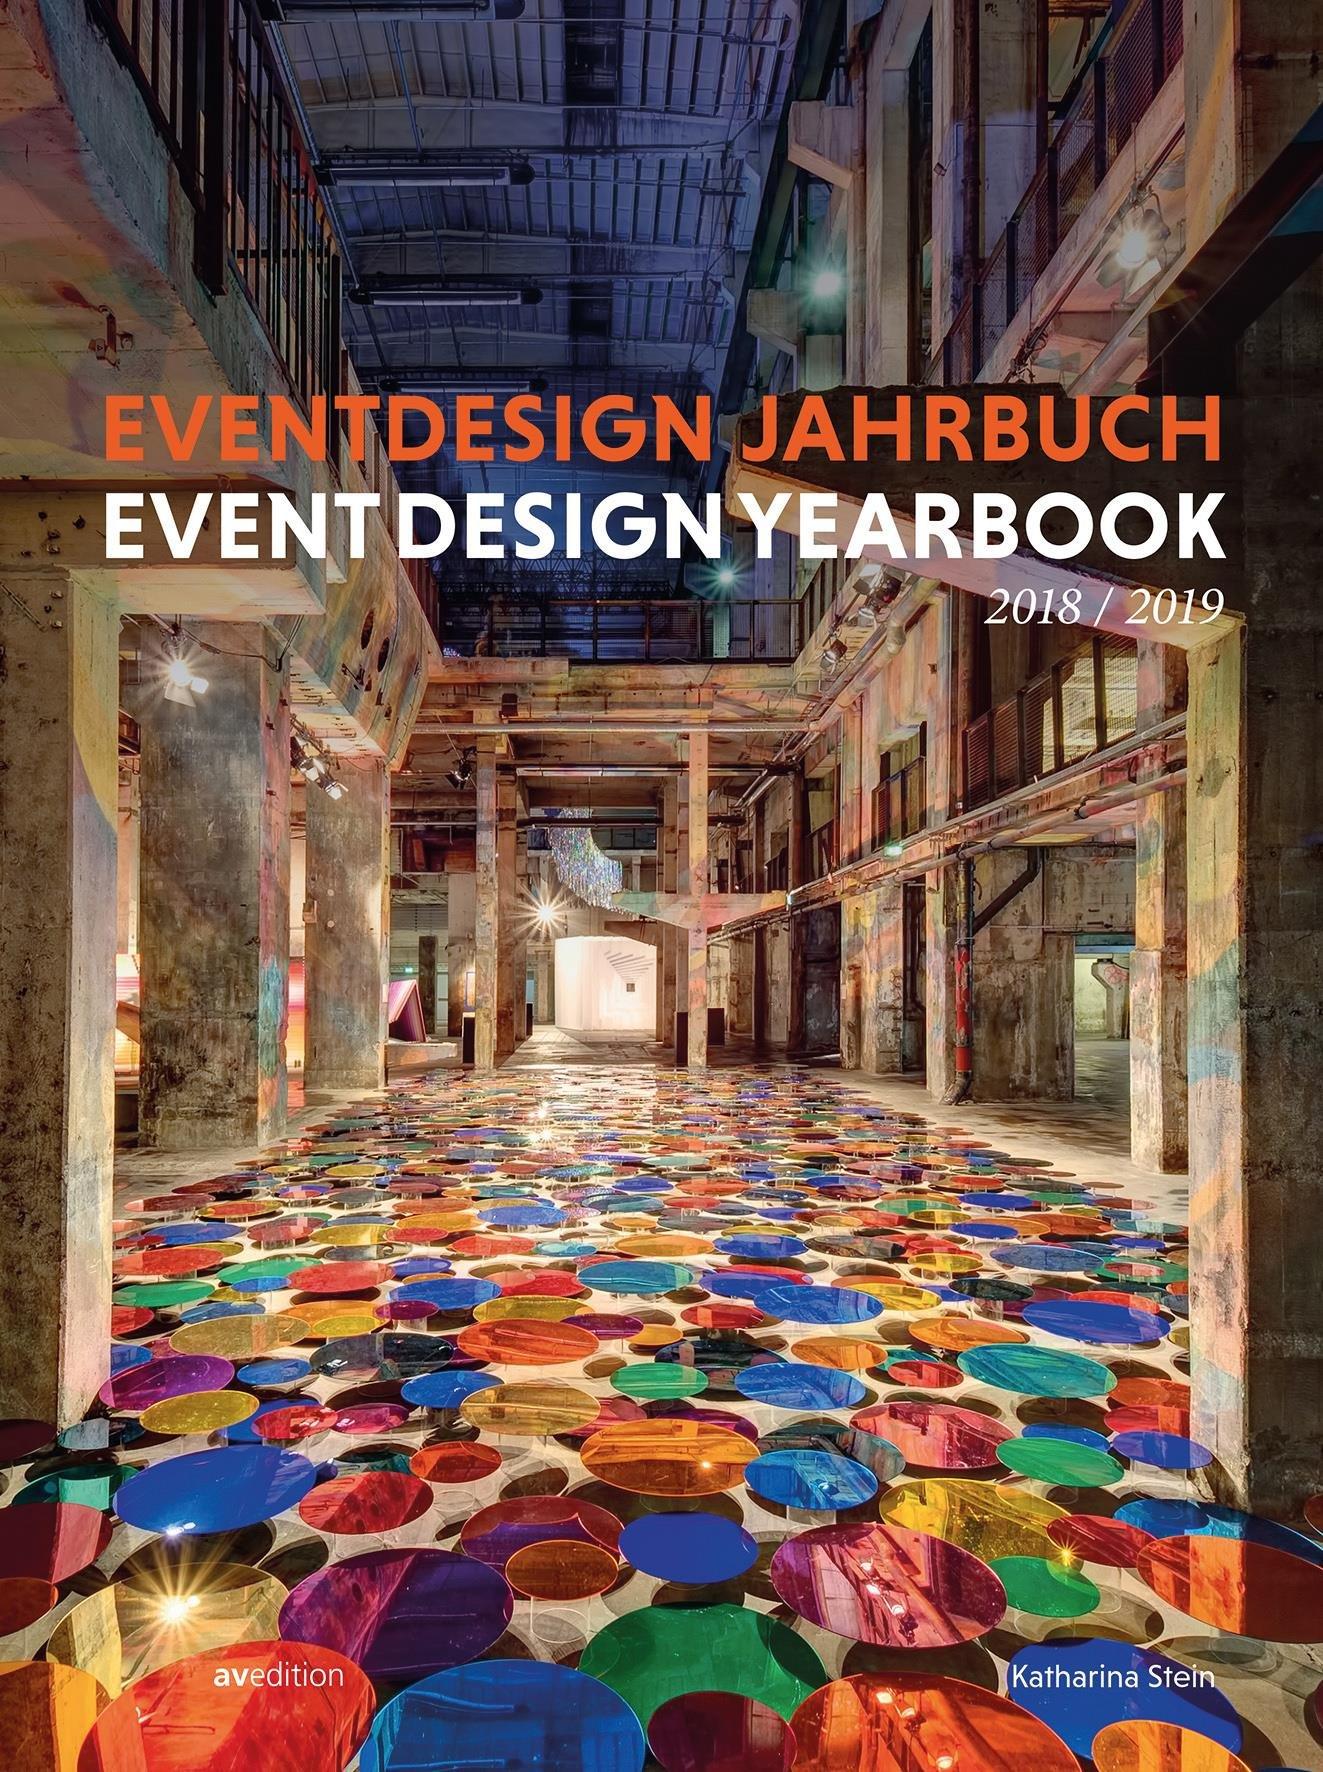 Eventdesign Jahrbuch 2018 / 2019 (Event Design Yearbook) (Englisch) Taschenbuch – 1. Juni 2018 Katharina Stein avedition 3899862805 Innenarchitektur / Design